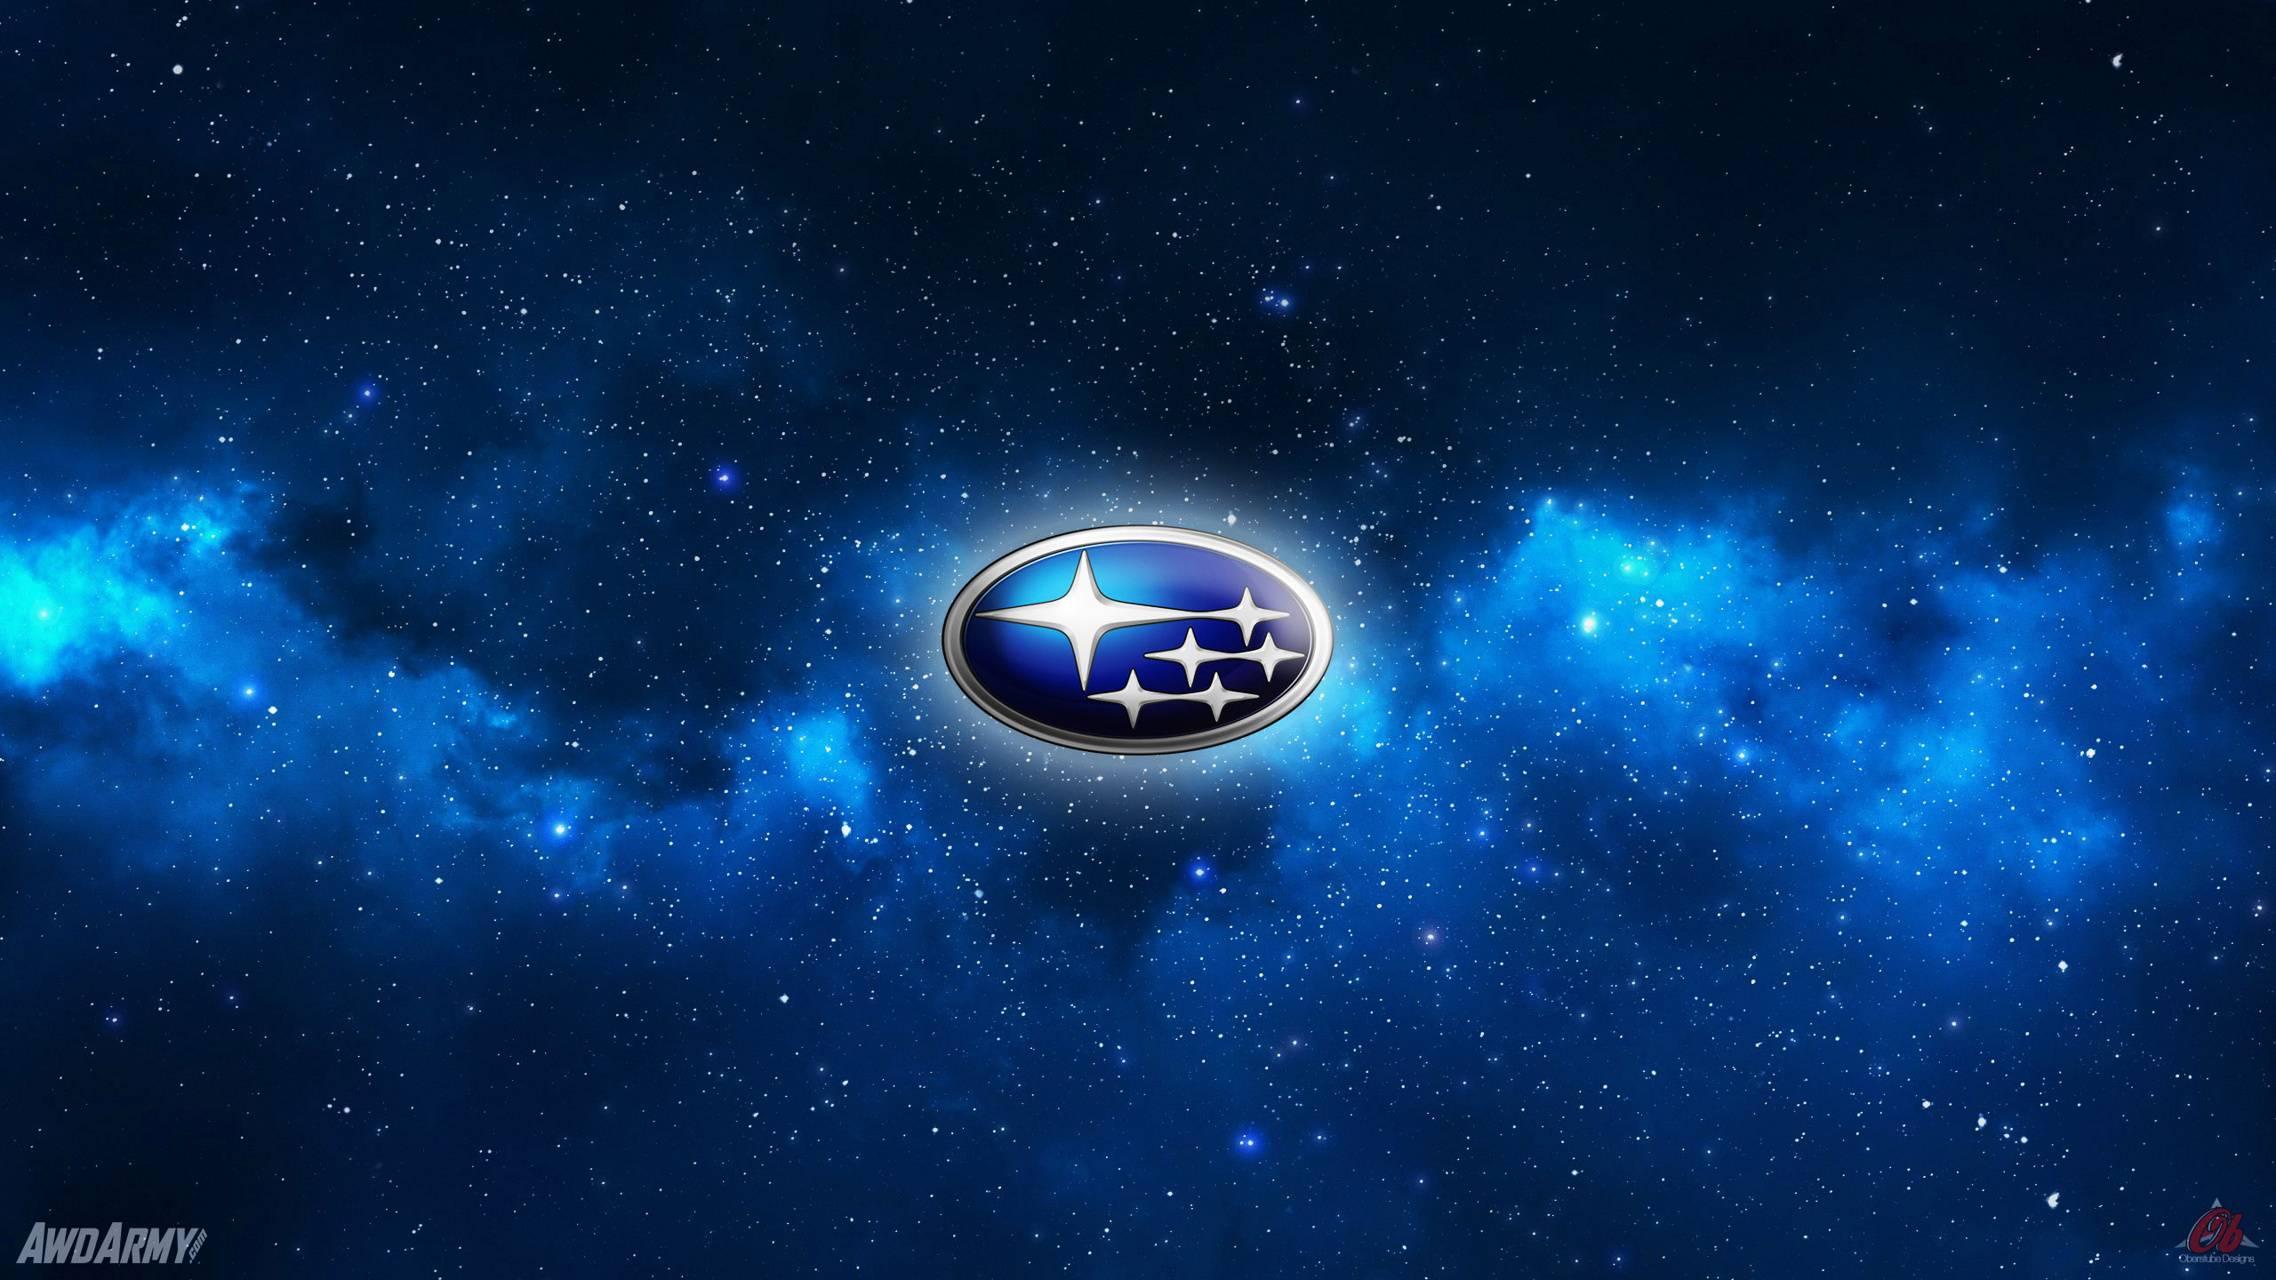 Subaru Galaxy